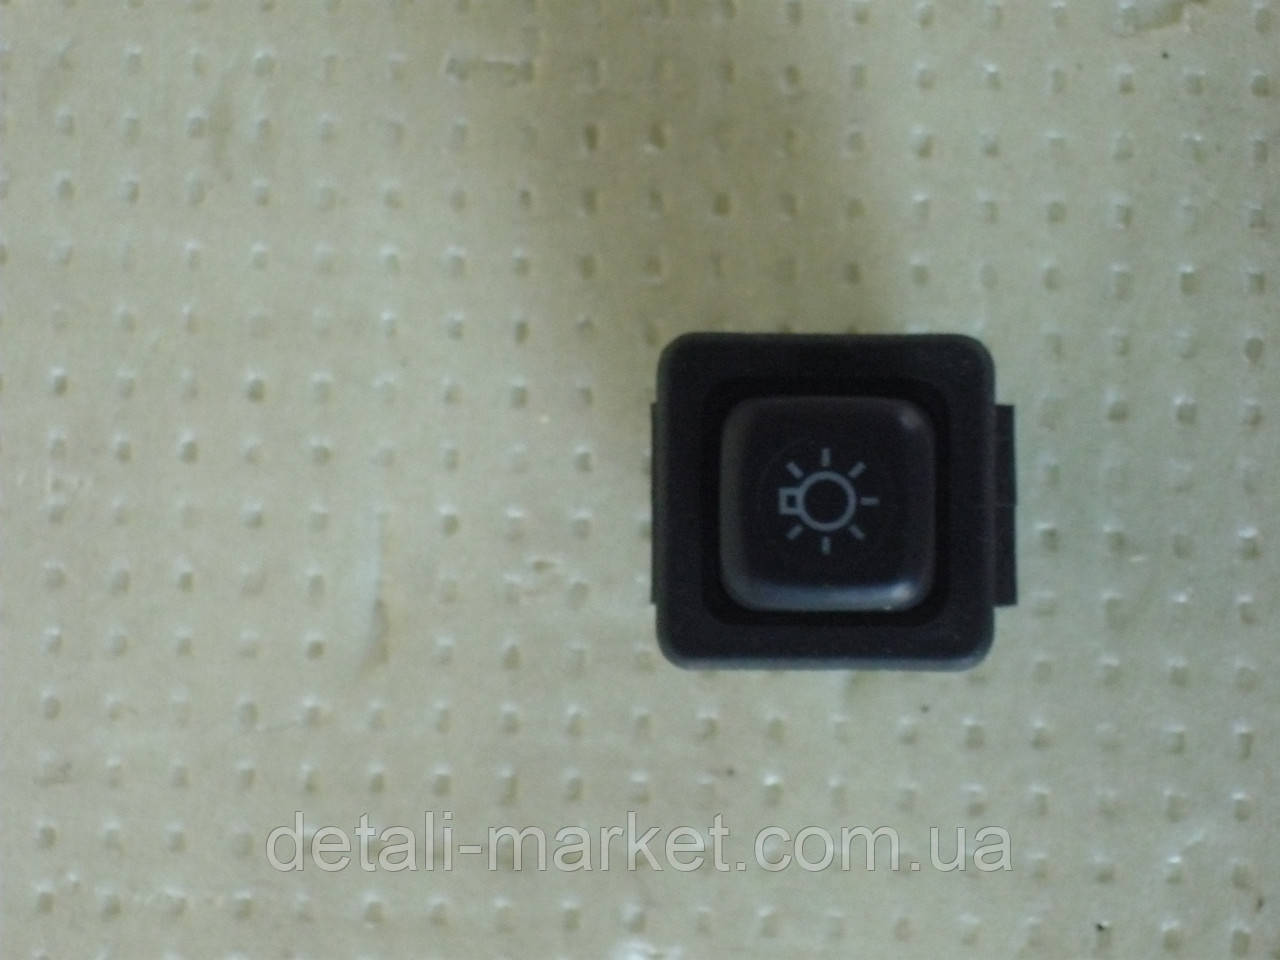 Кнопка включения габаритов АЗЛК 2141